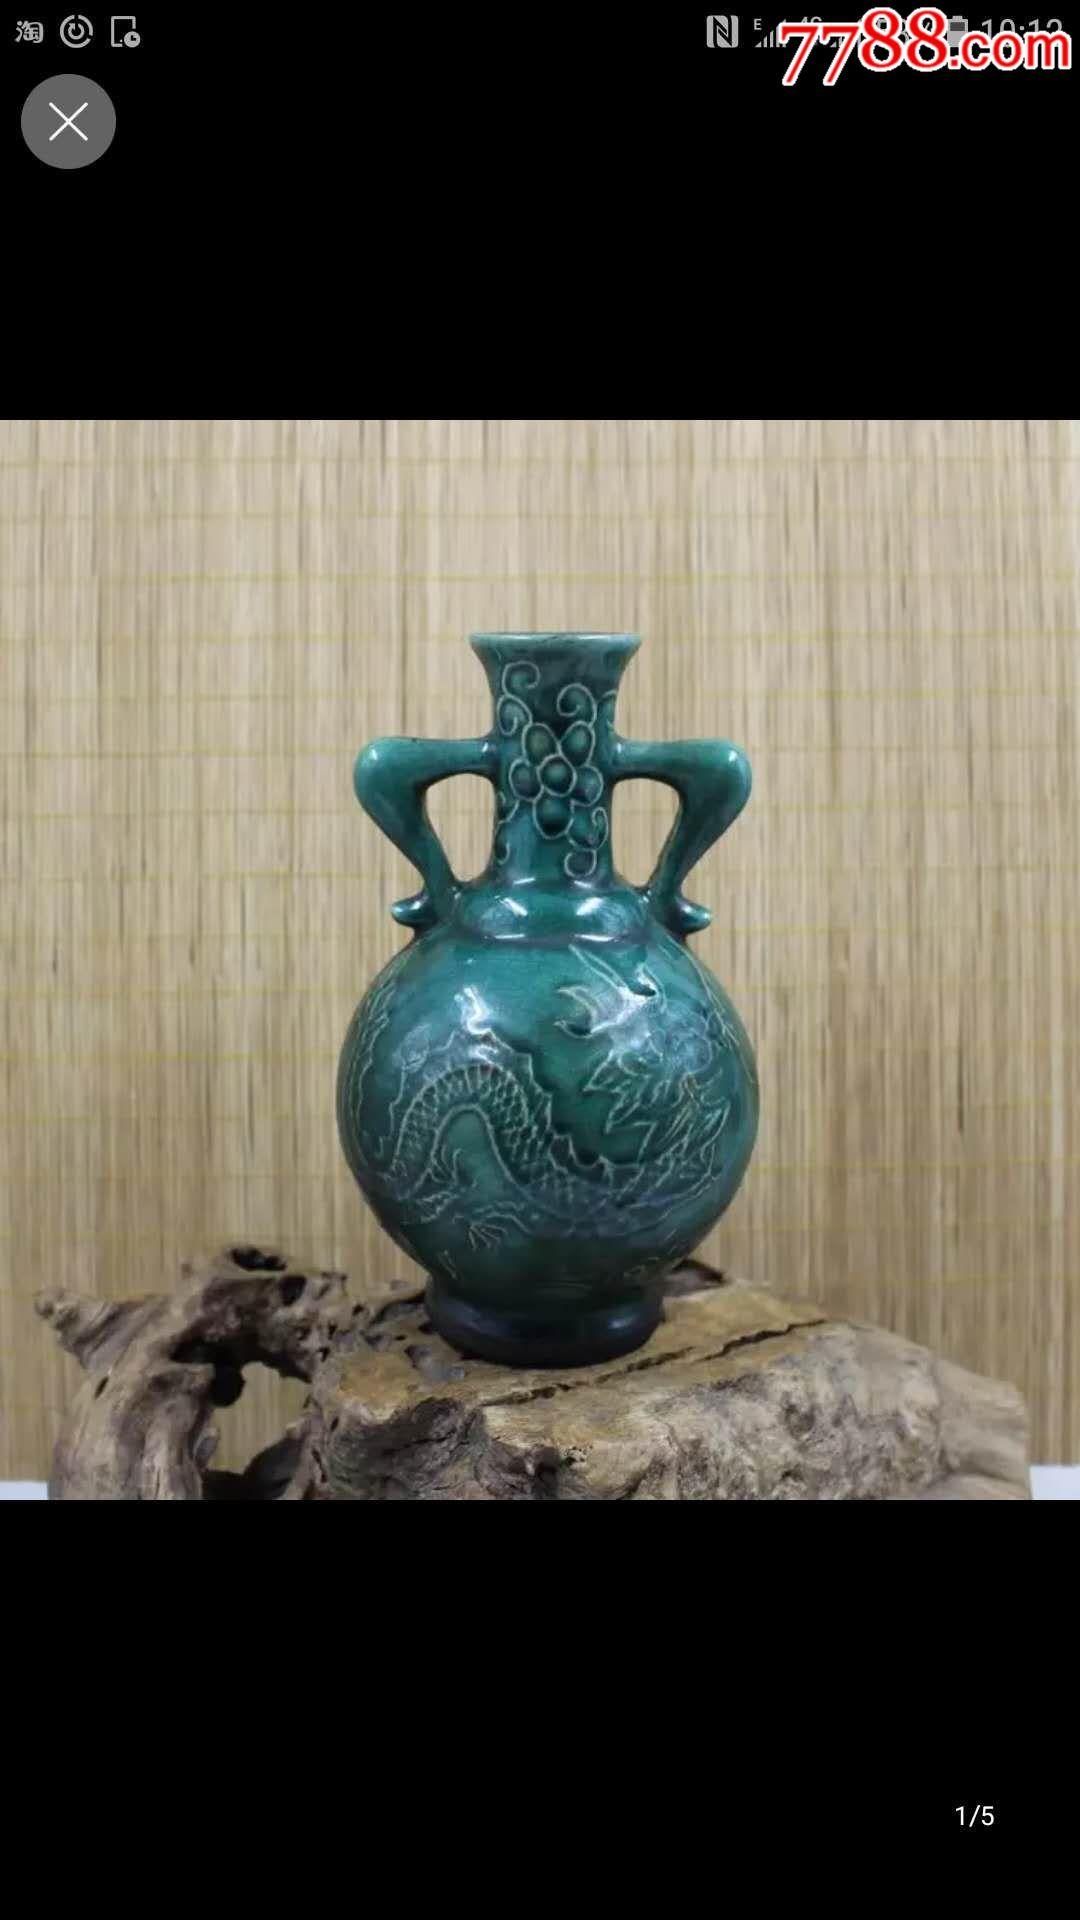 清代龙泉窑绿釉龙纹大肚赏瓶(zc19626660)_